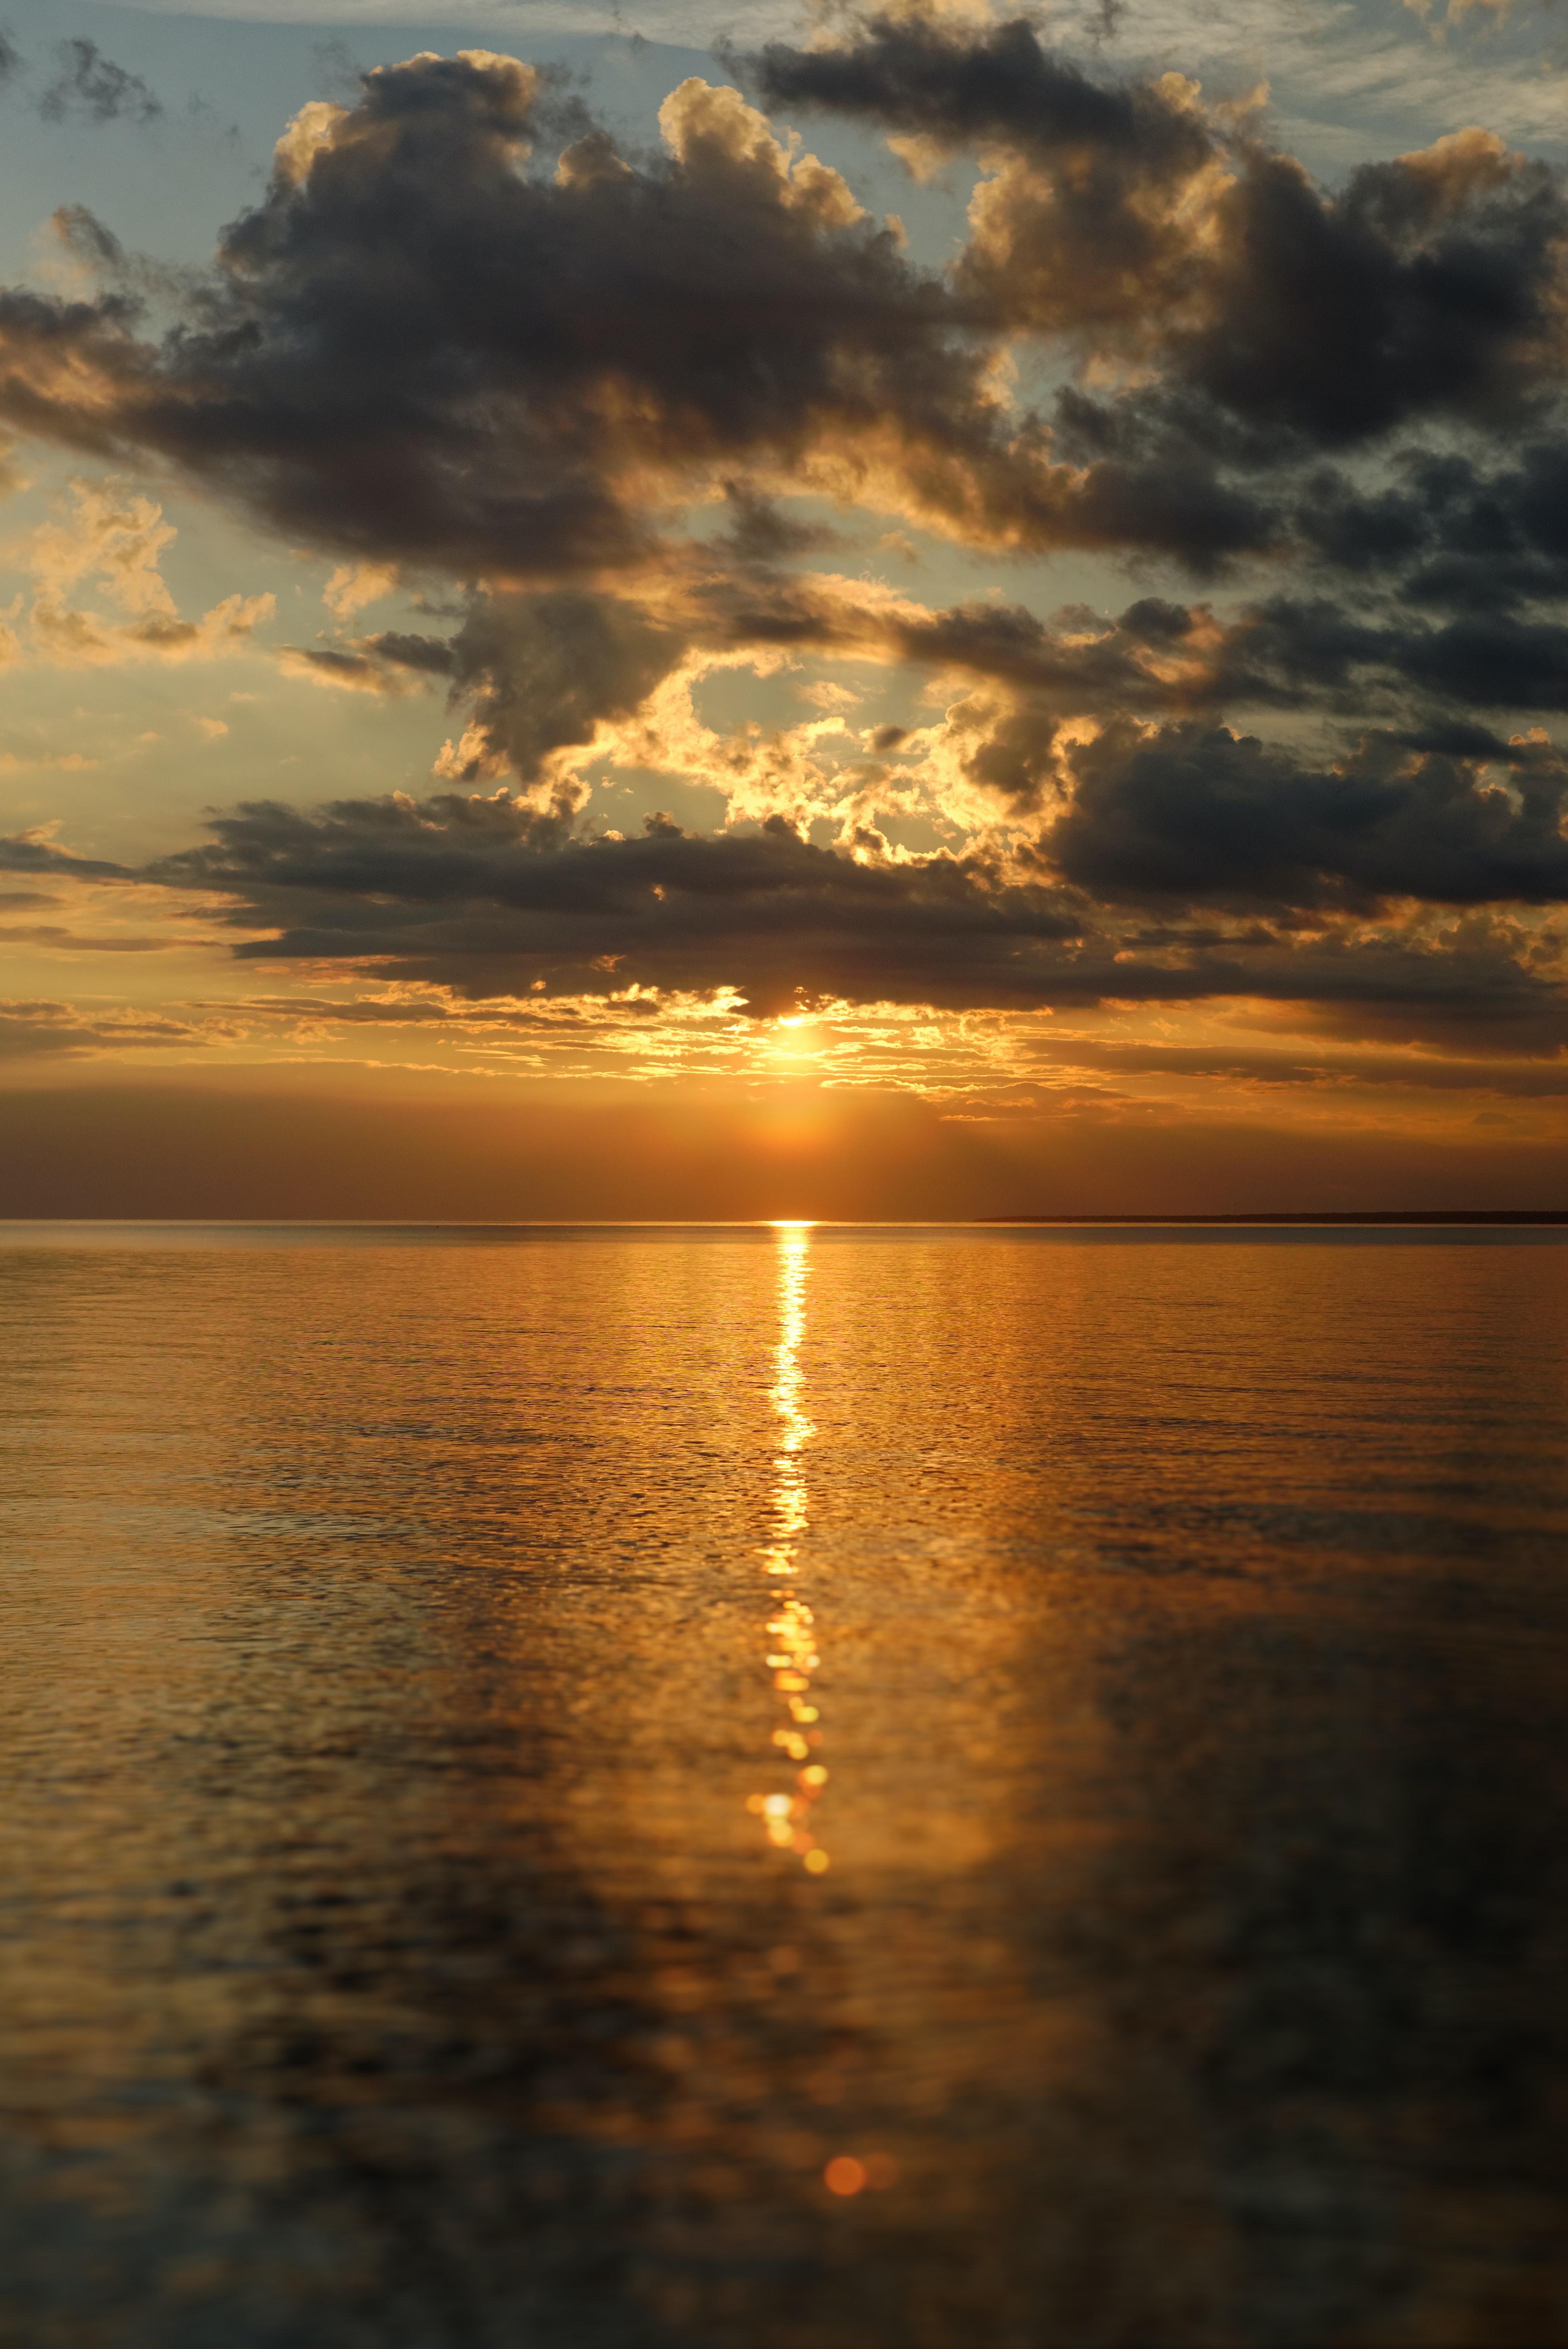 157745 скачать обои Природа, Закат, Блики, Горизонт, Море, Облака - заставки и картинки бесплатно